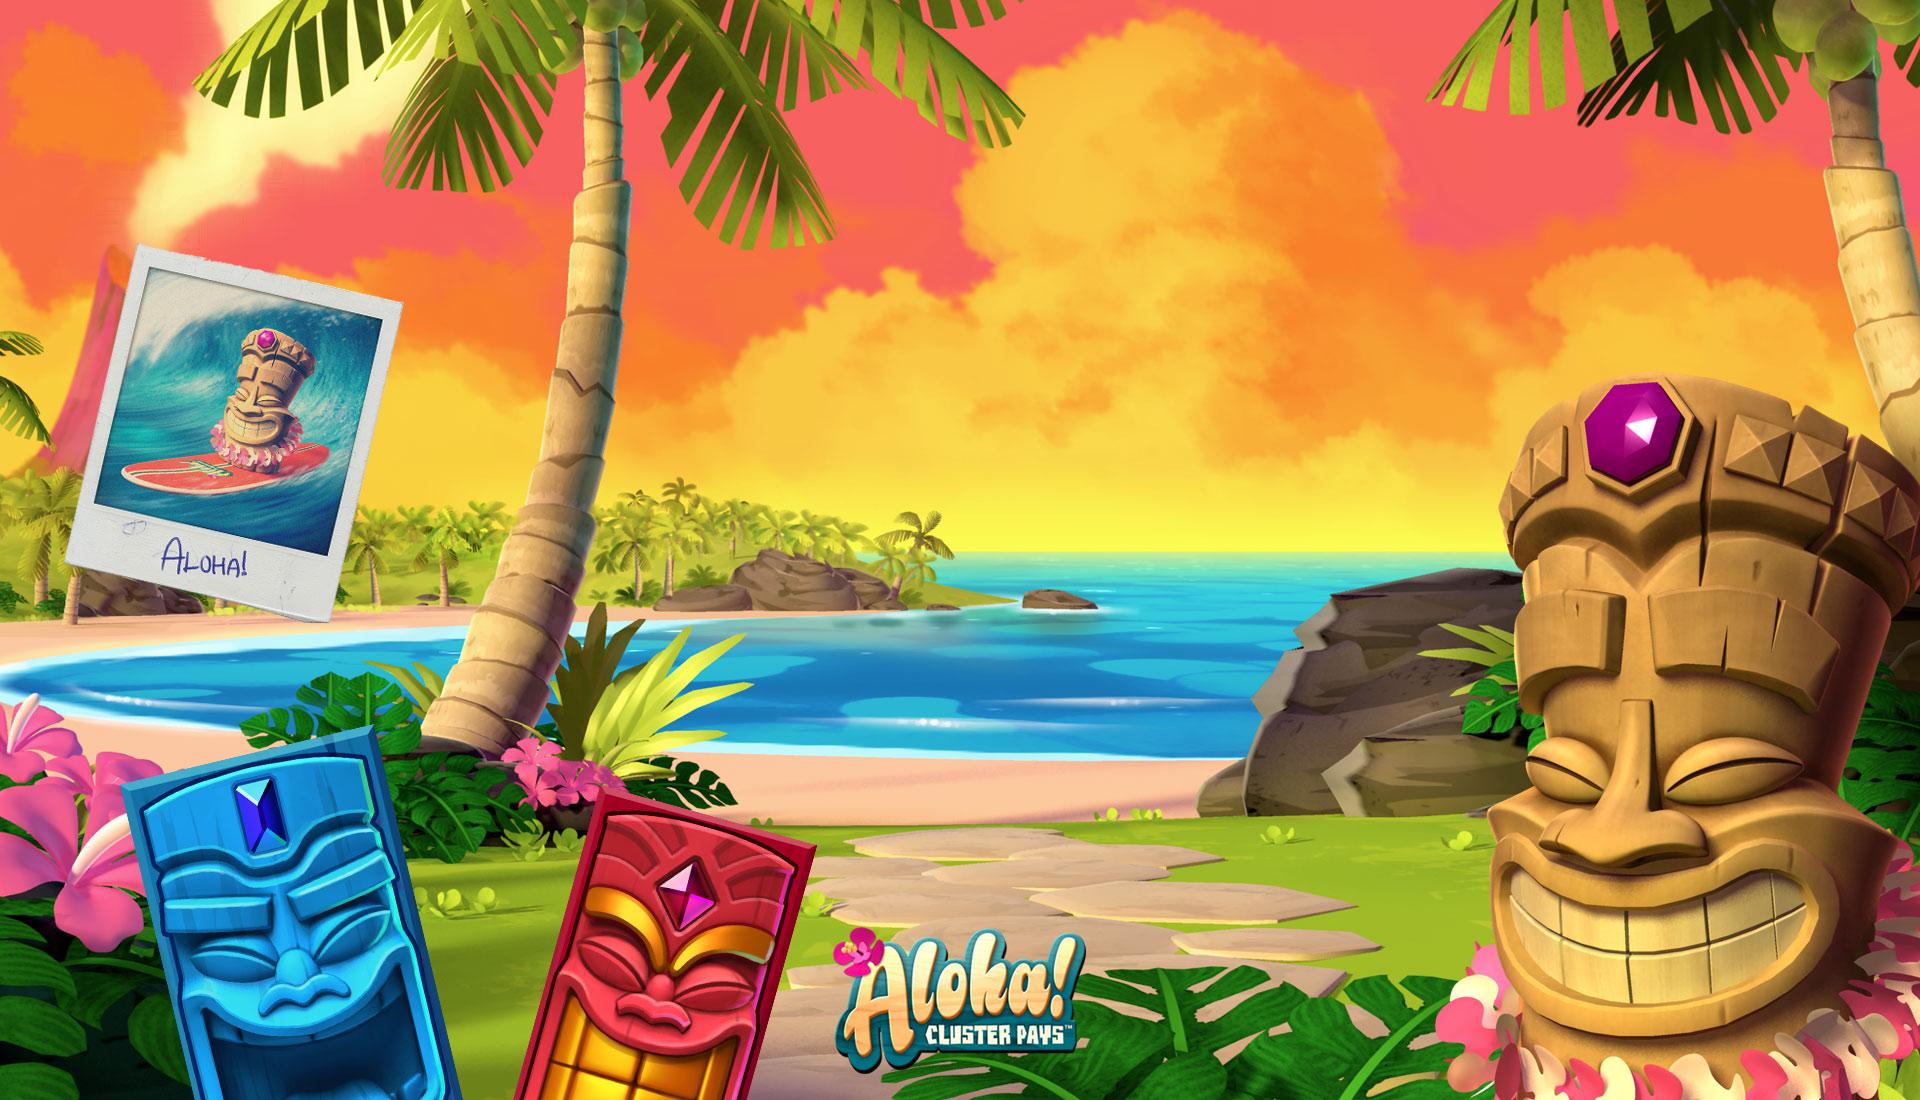 Alohabackground_22114547